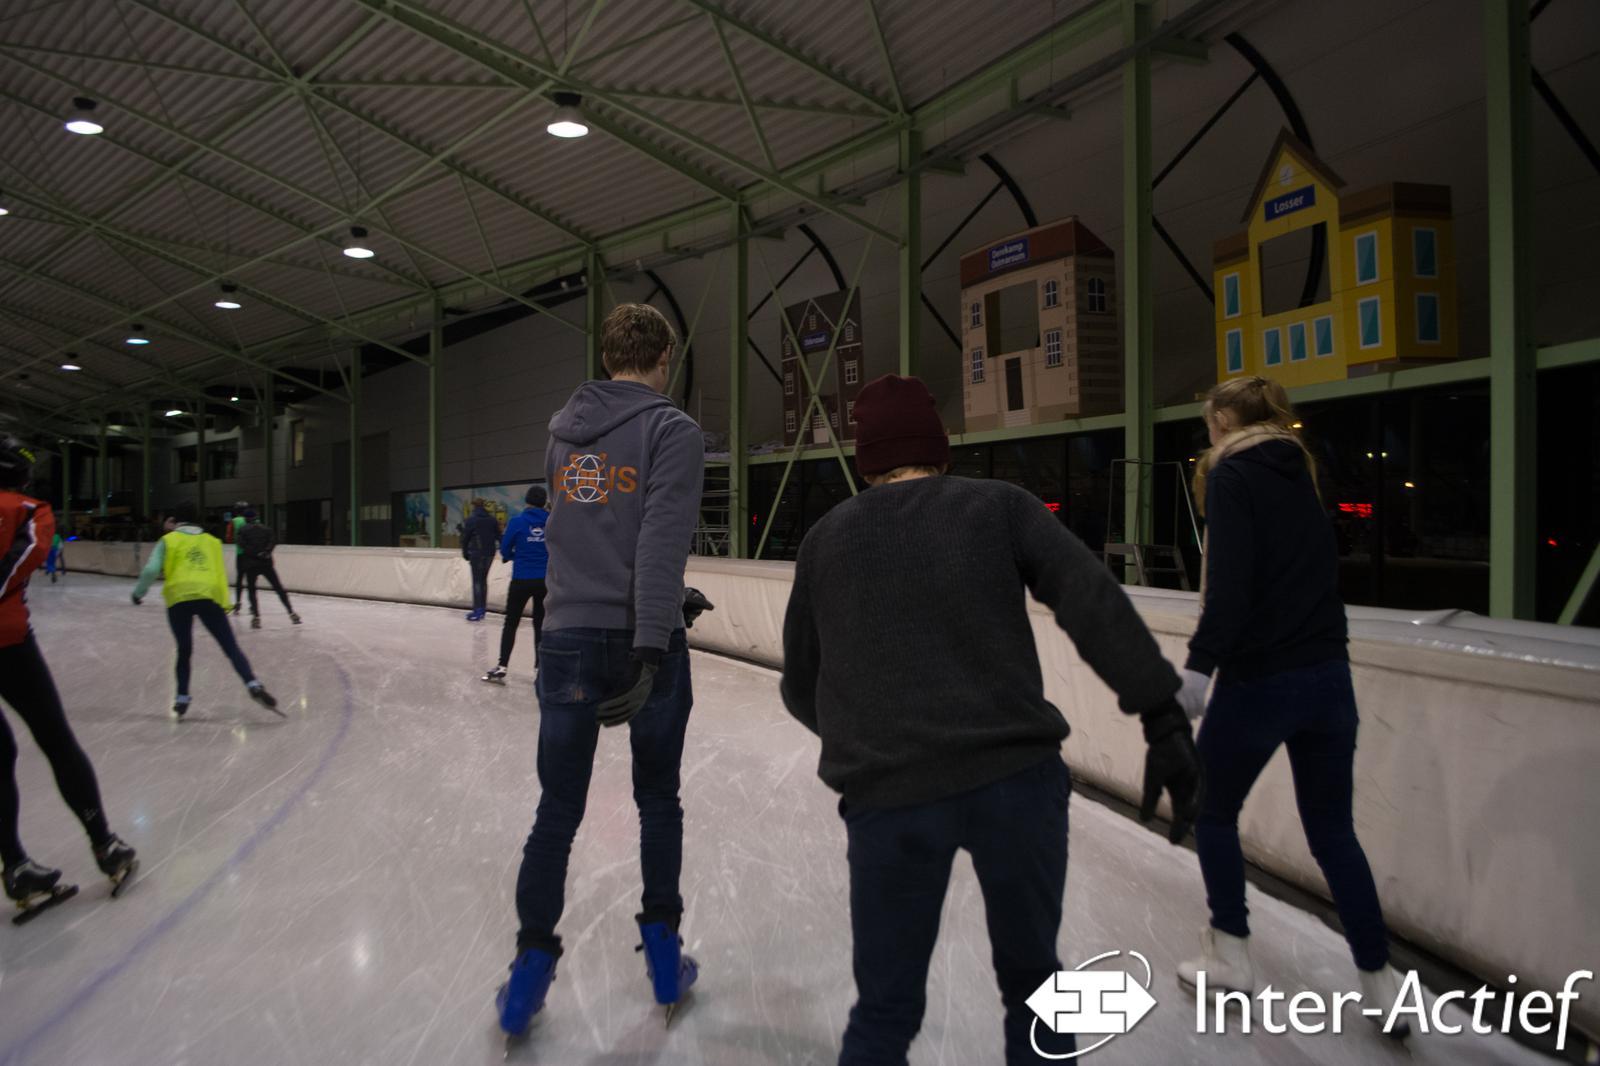 IceSkating20200116_NielsdeGroot-10.jpg